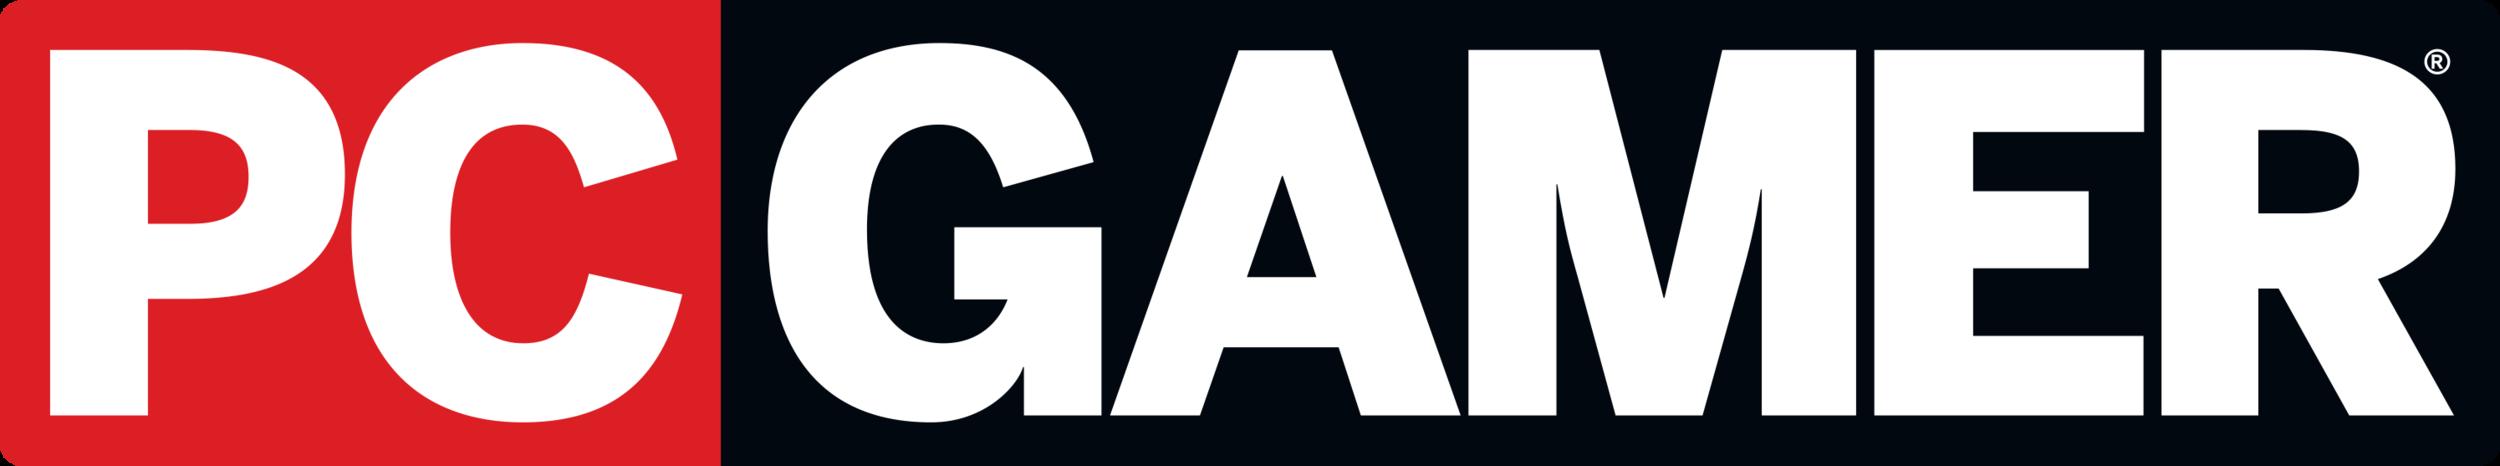 PC_Gamer_logo.png